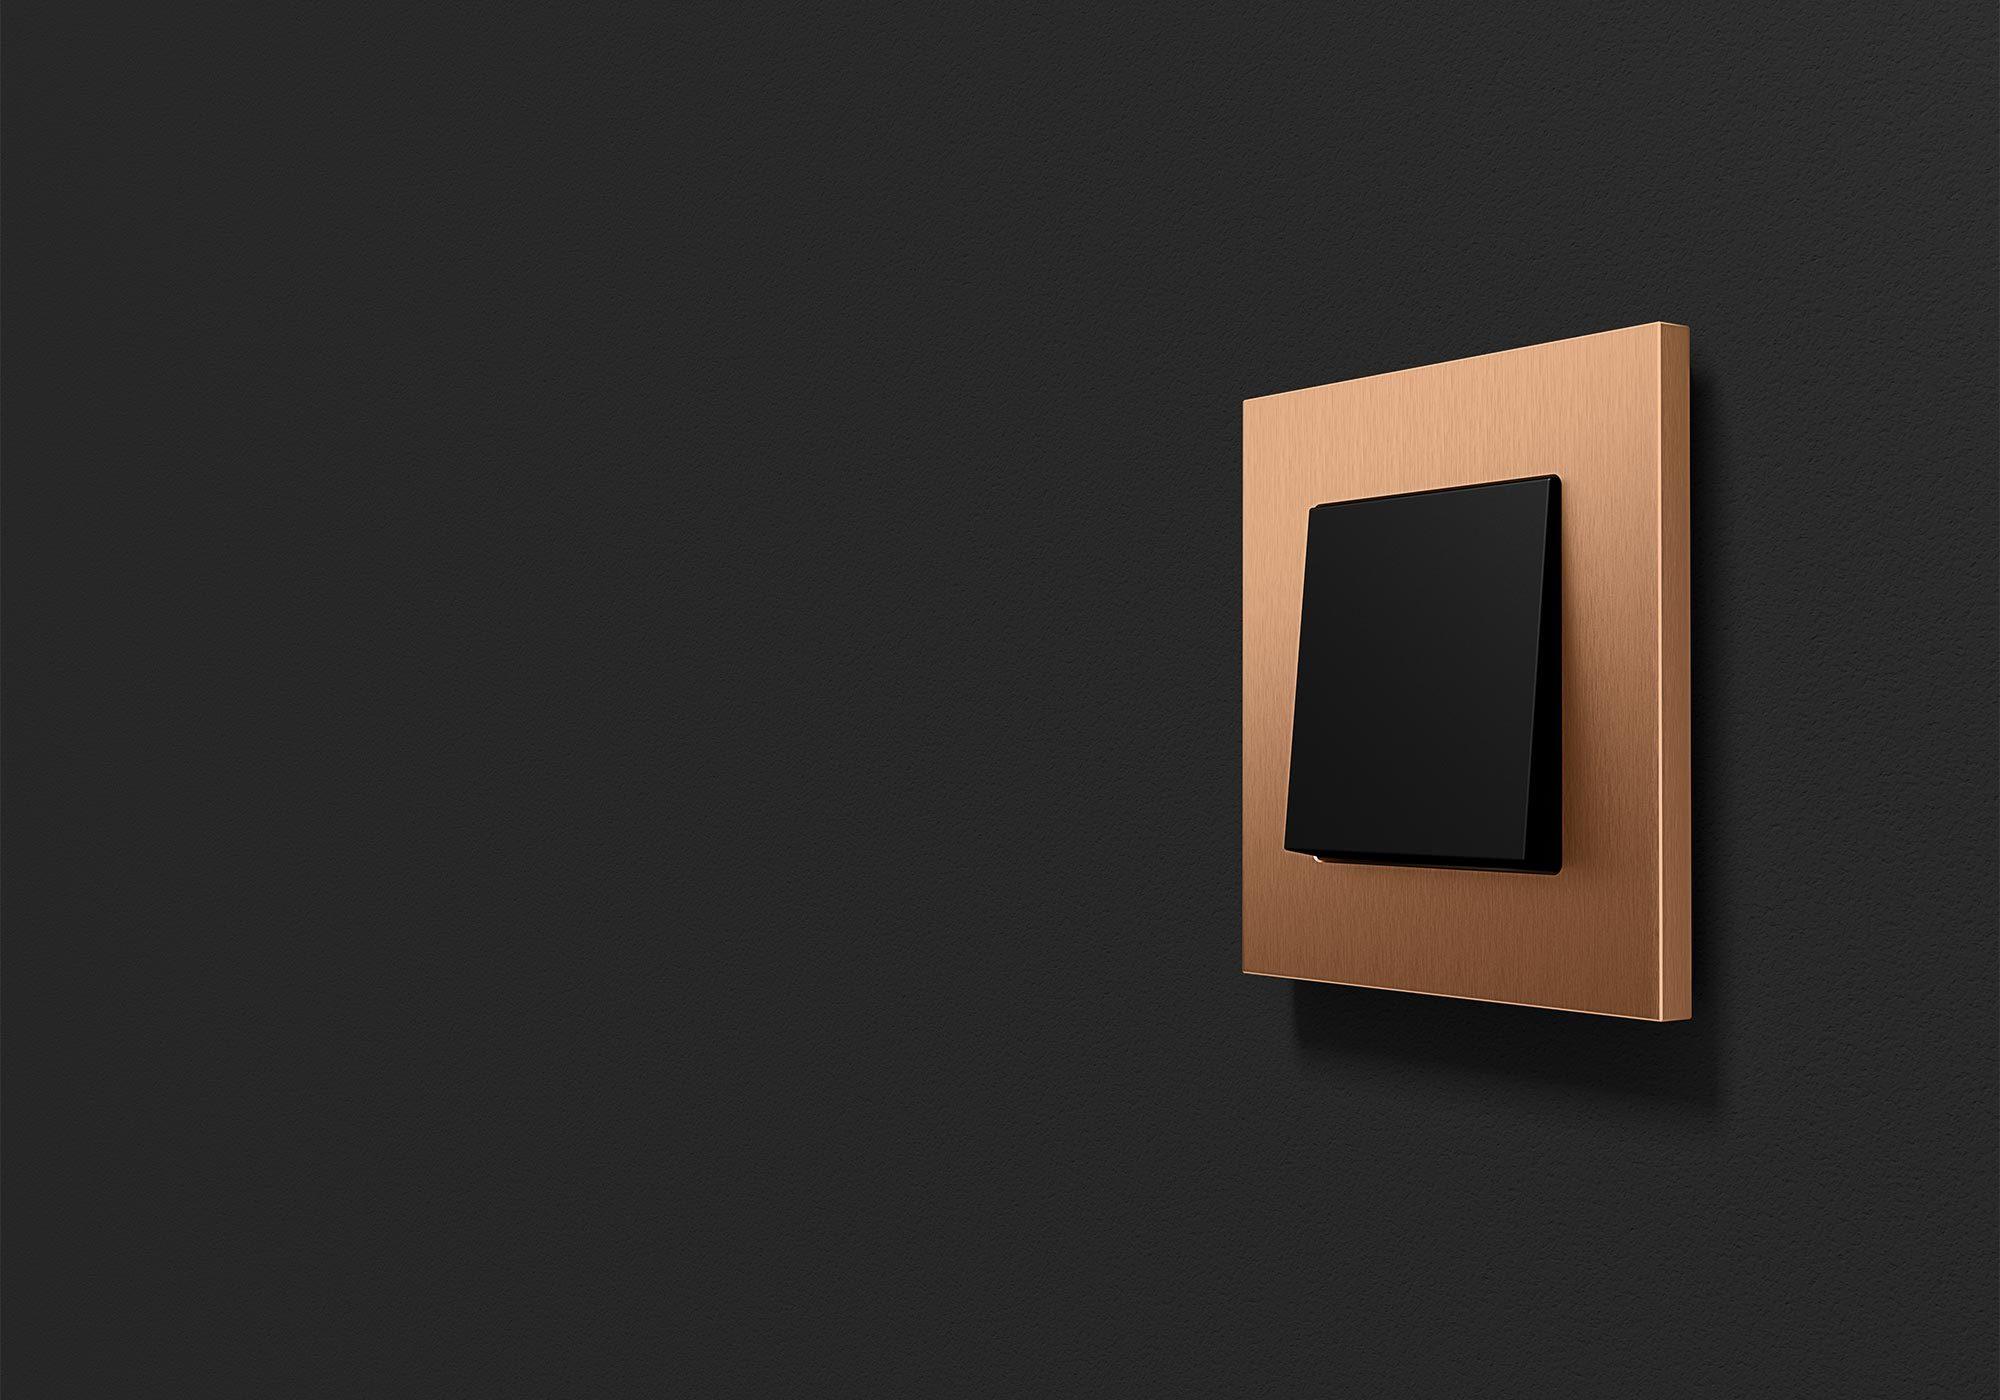 Esprit Schalterprogramm in Bronze und Schwarzmatt